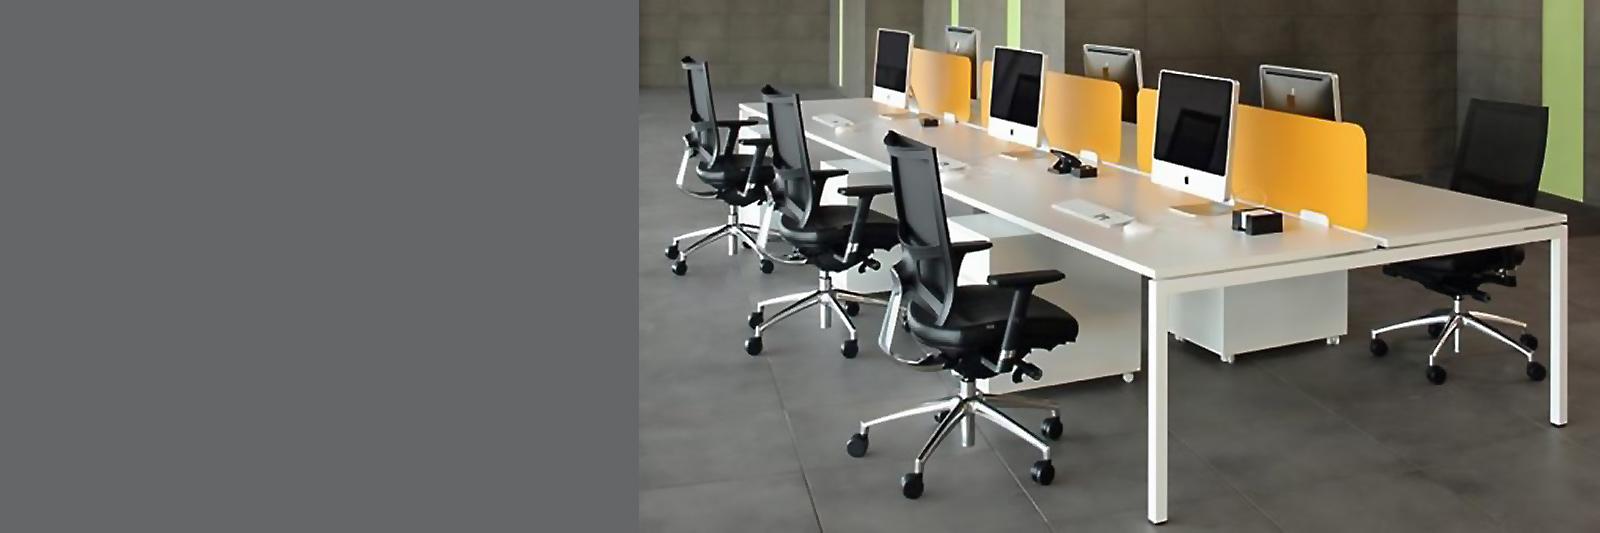 Многосекционные рабочие столы на металлокаркасе ФОРМАТ с траверсами